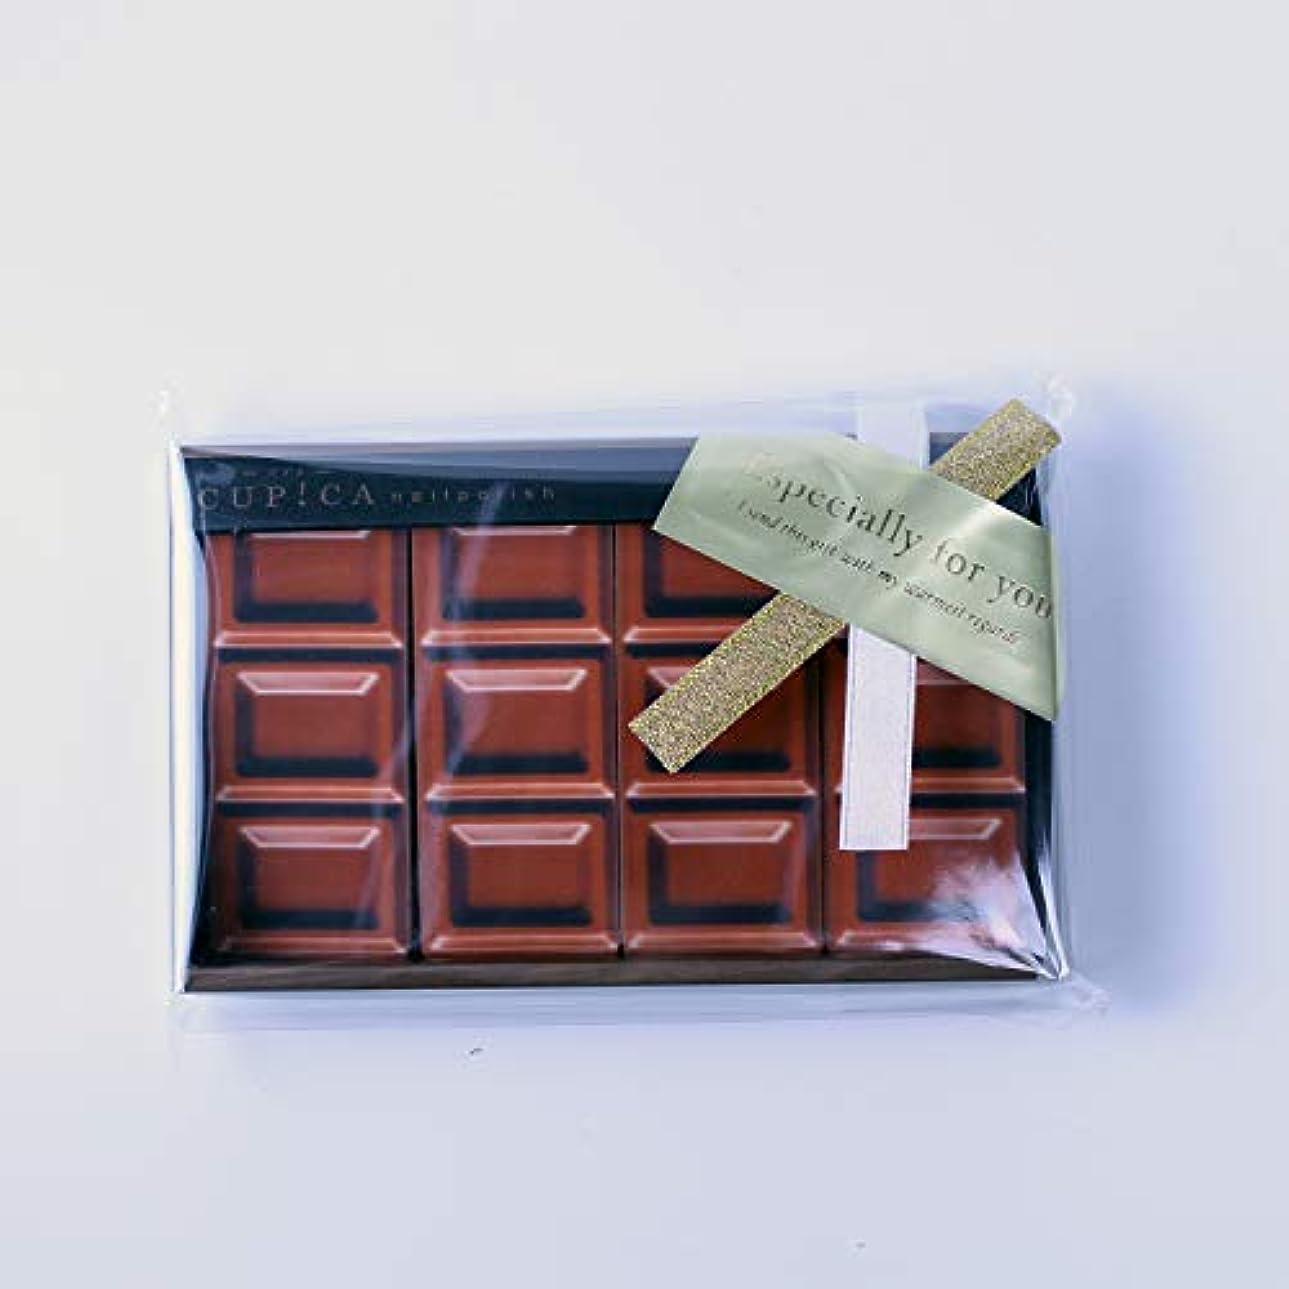 凝視ヘビスカリーバレンタイン ホワイトデー ギフト お餞別 チョコのような爪磨き おもしろグッズ アルスキュピカ チョコレート柄 ギフトシール付 クリアケース入